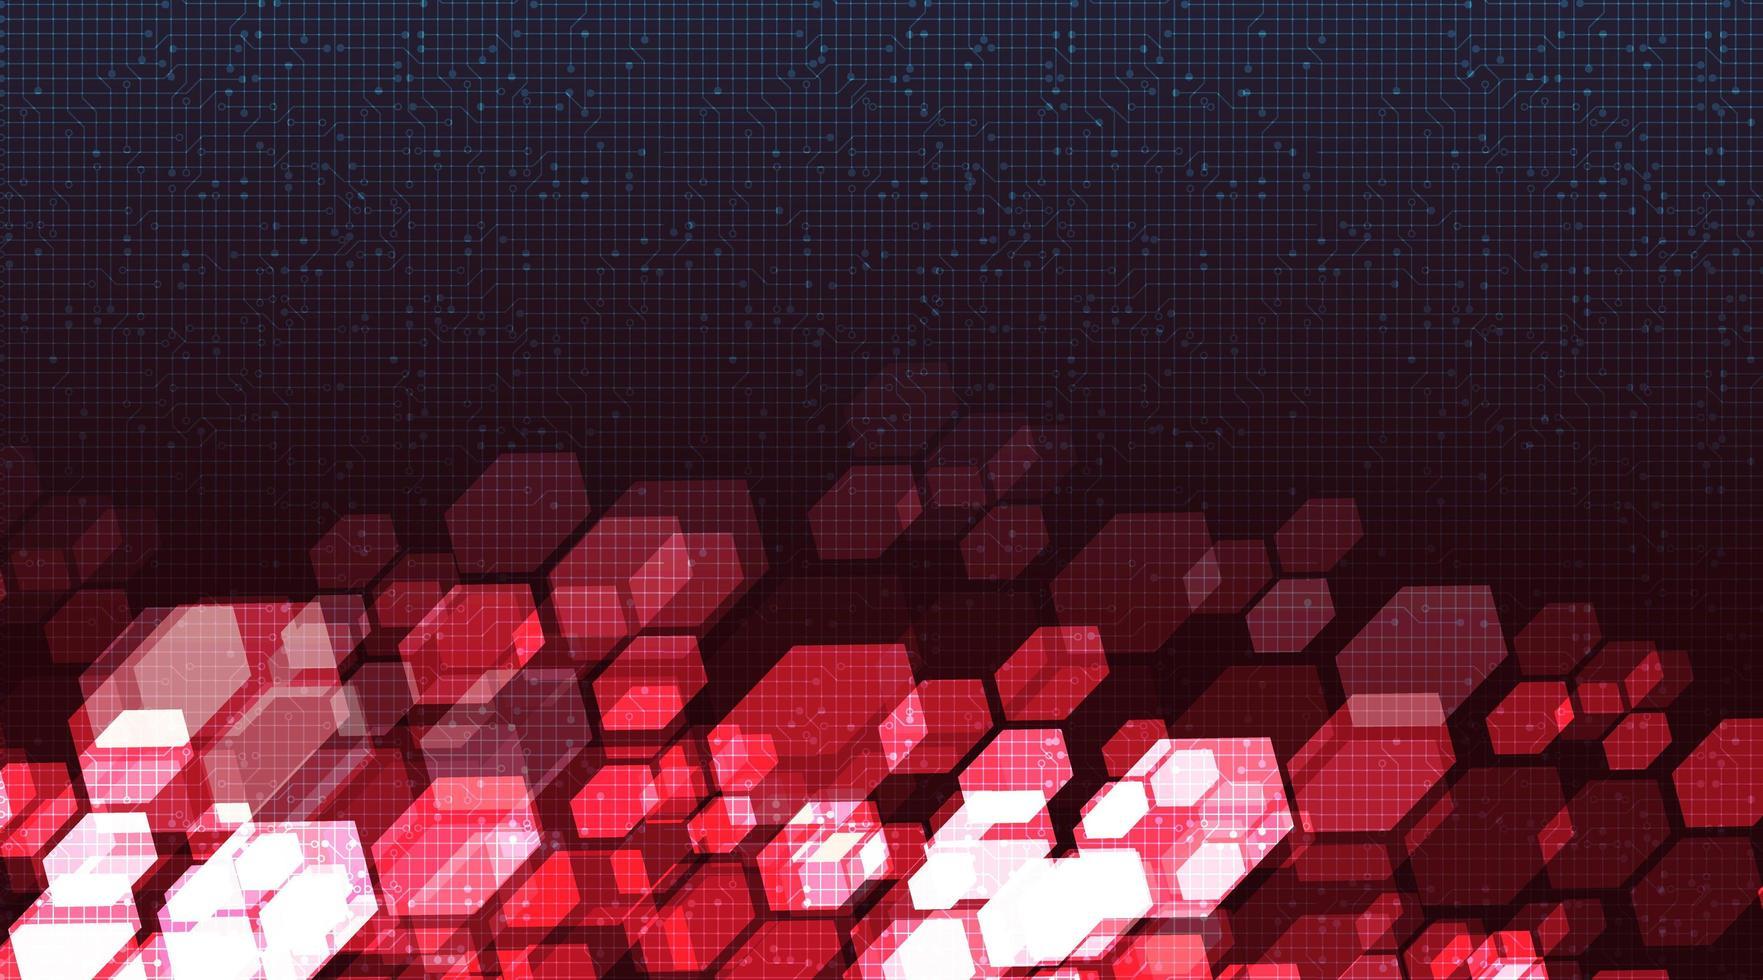 circuito rosso cyber sullo sfondo della tecnologia vettore